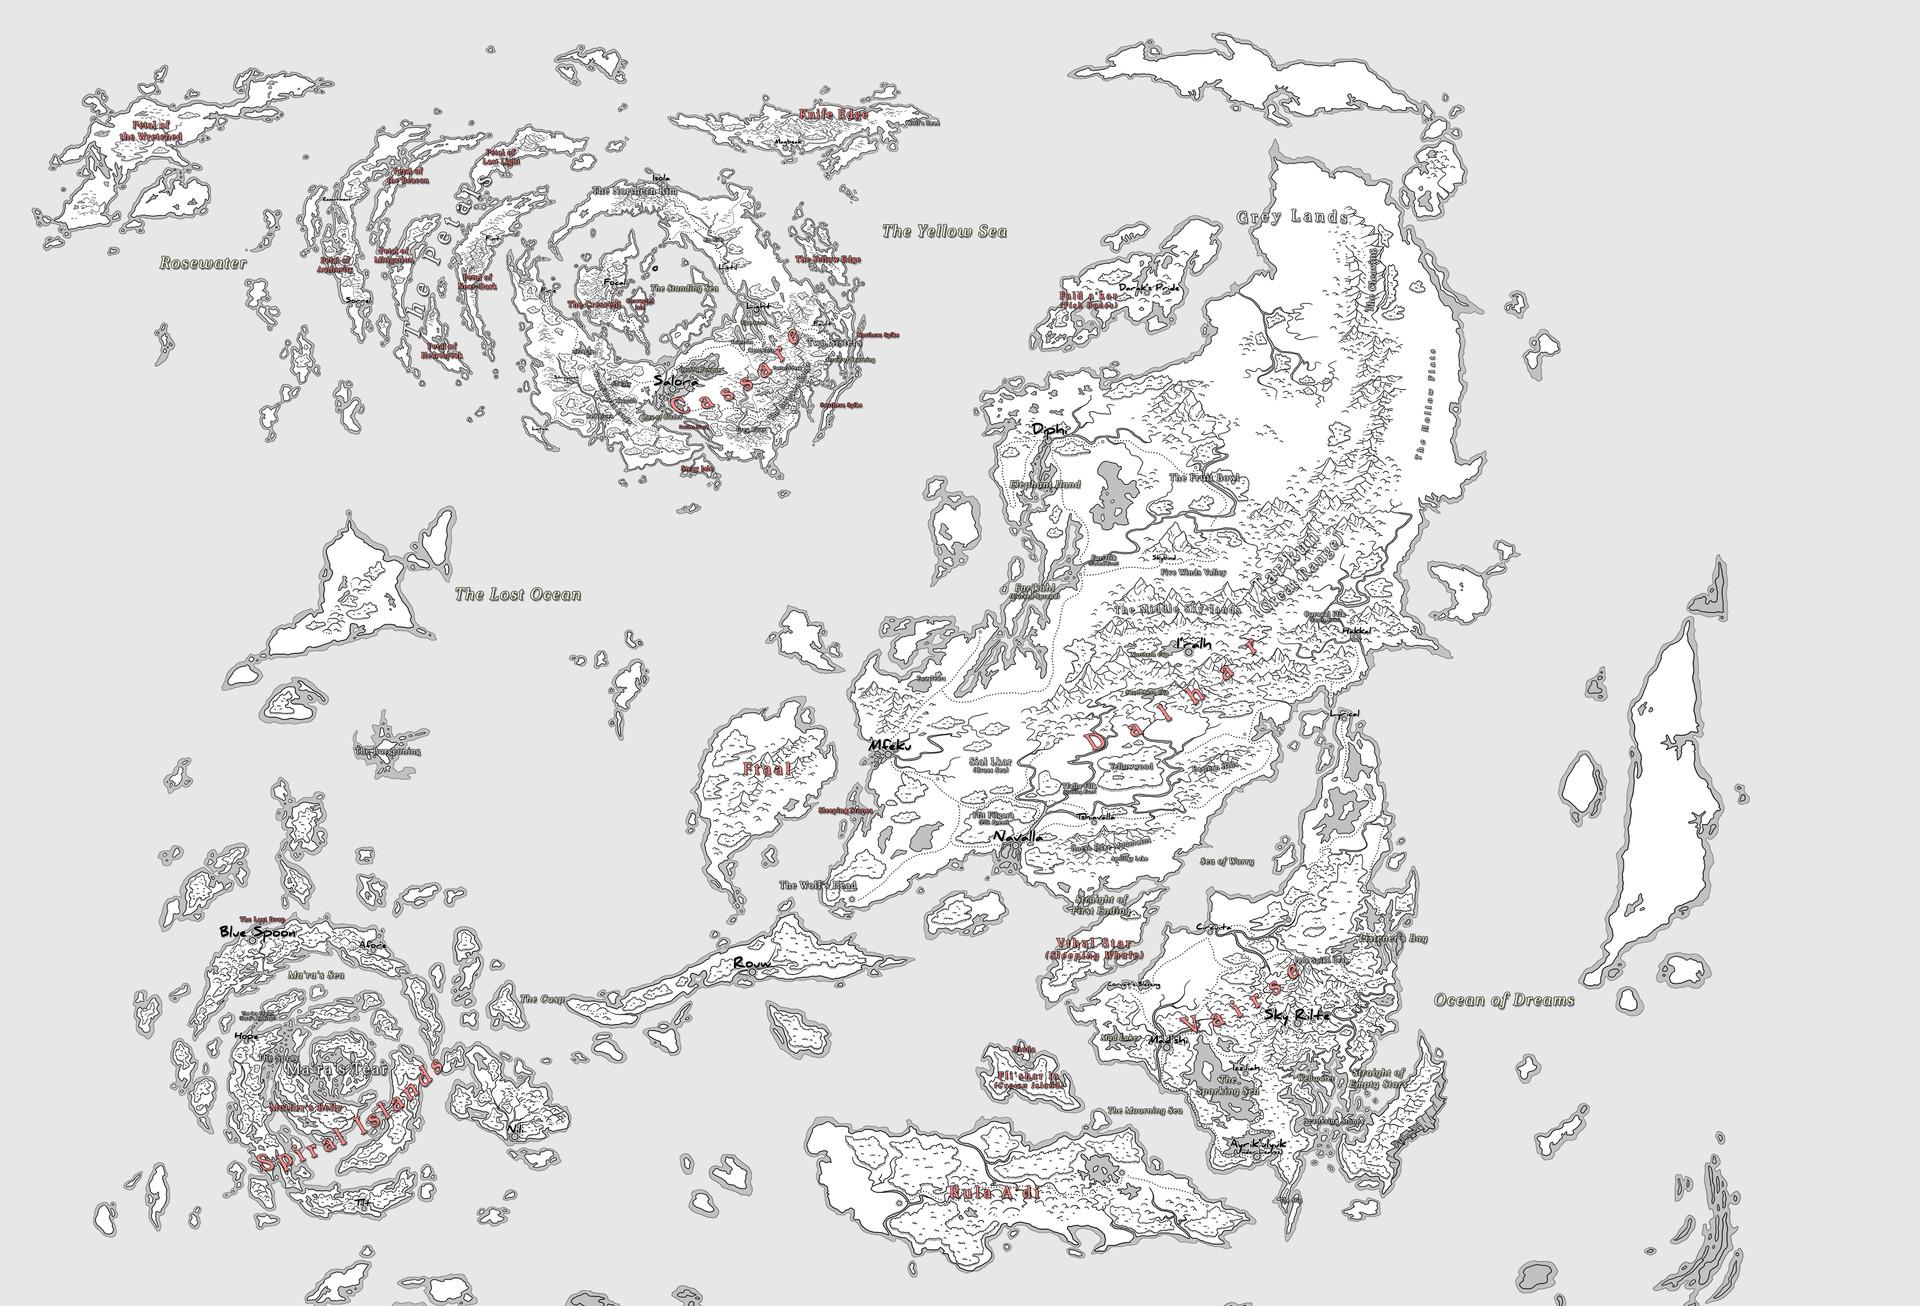 Kim kresan riak map 4 2